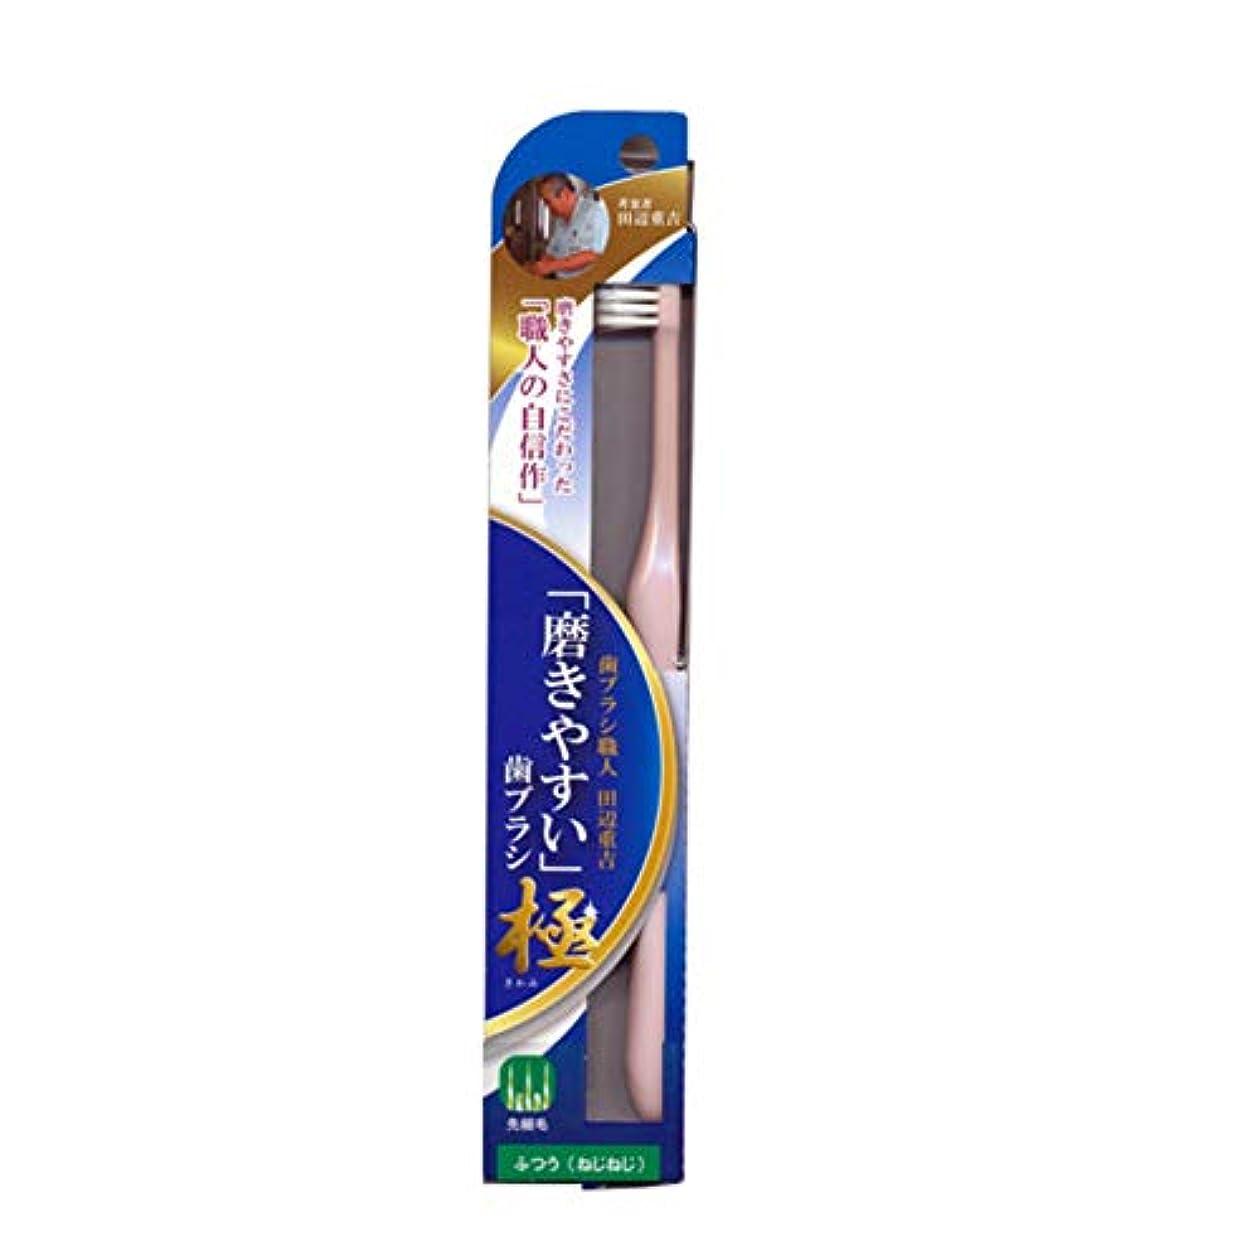 自治的専ら比較的磨きやすい歯ブラシ極 (ふつう ねじねじ) LT-45 先細毛(色選択不可)